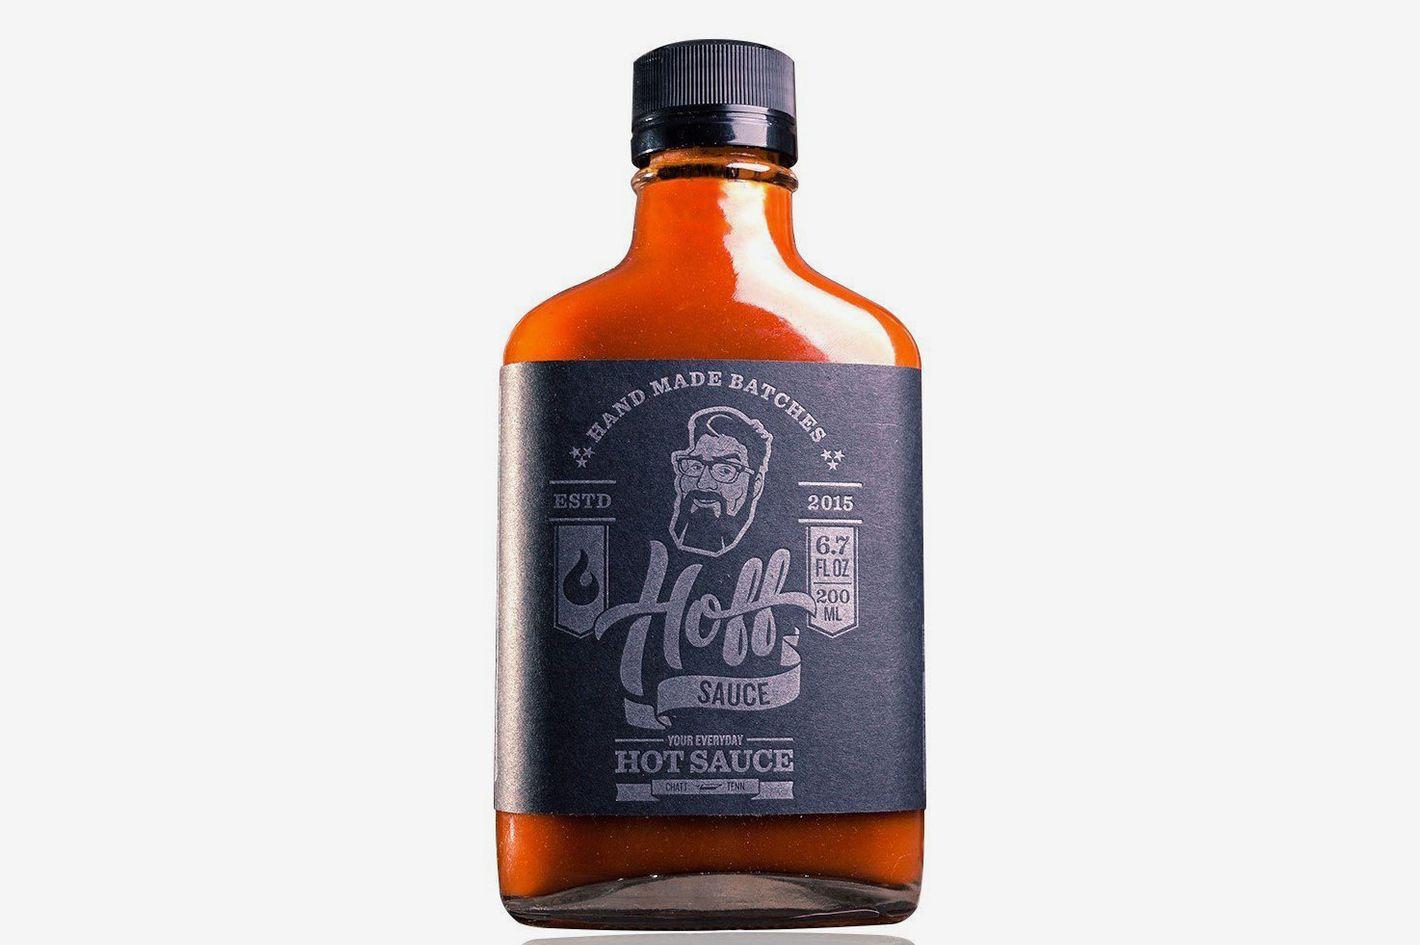 Hoff & Pepper Hoff Sauce